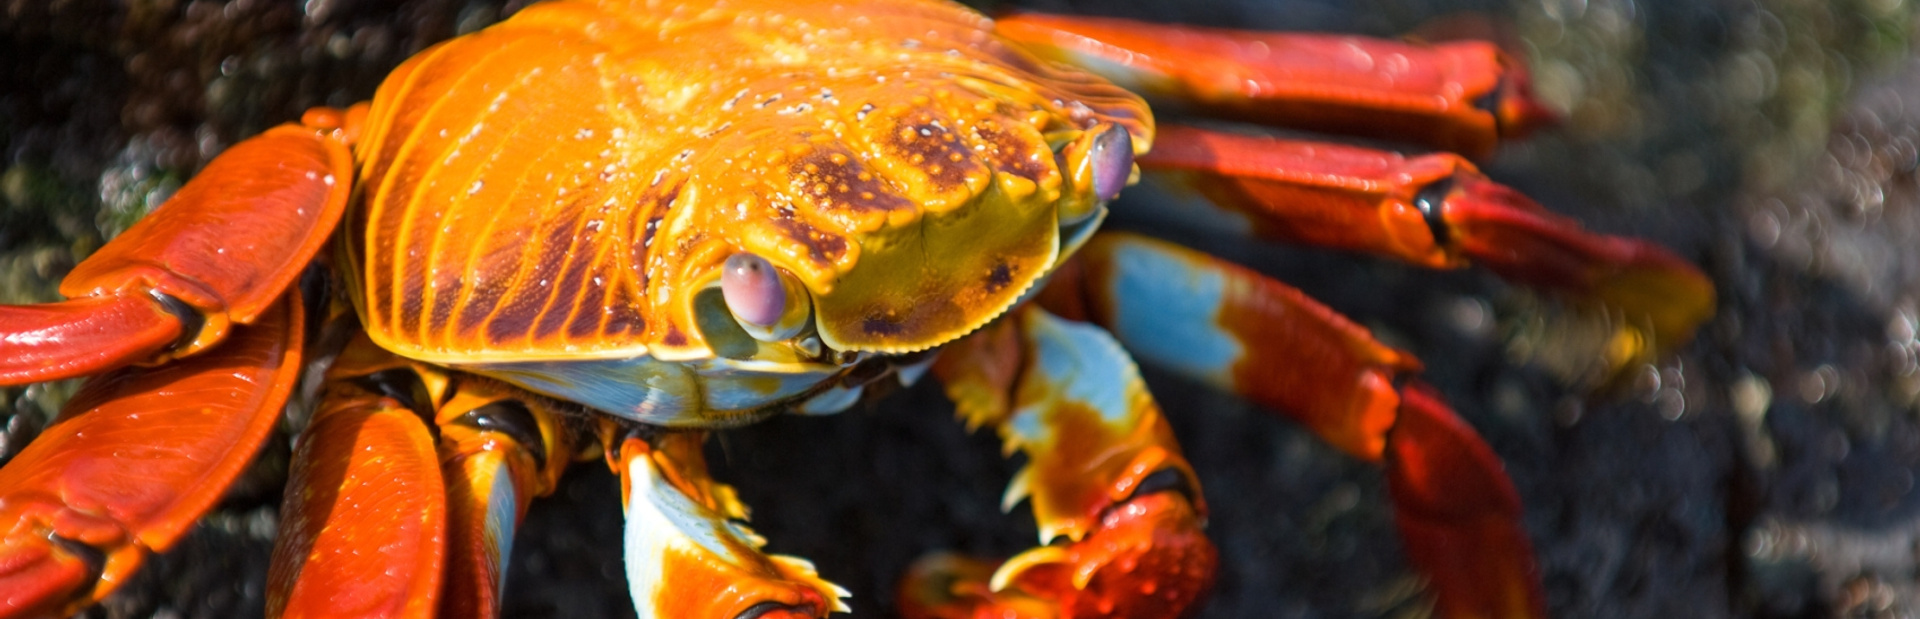 Galapagos Islands news photo